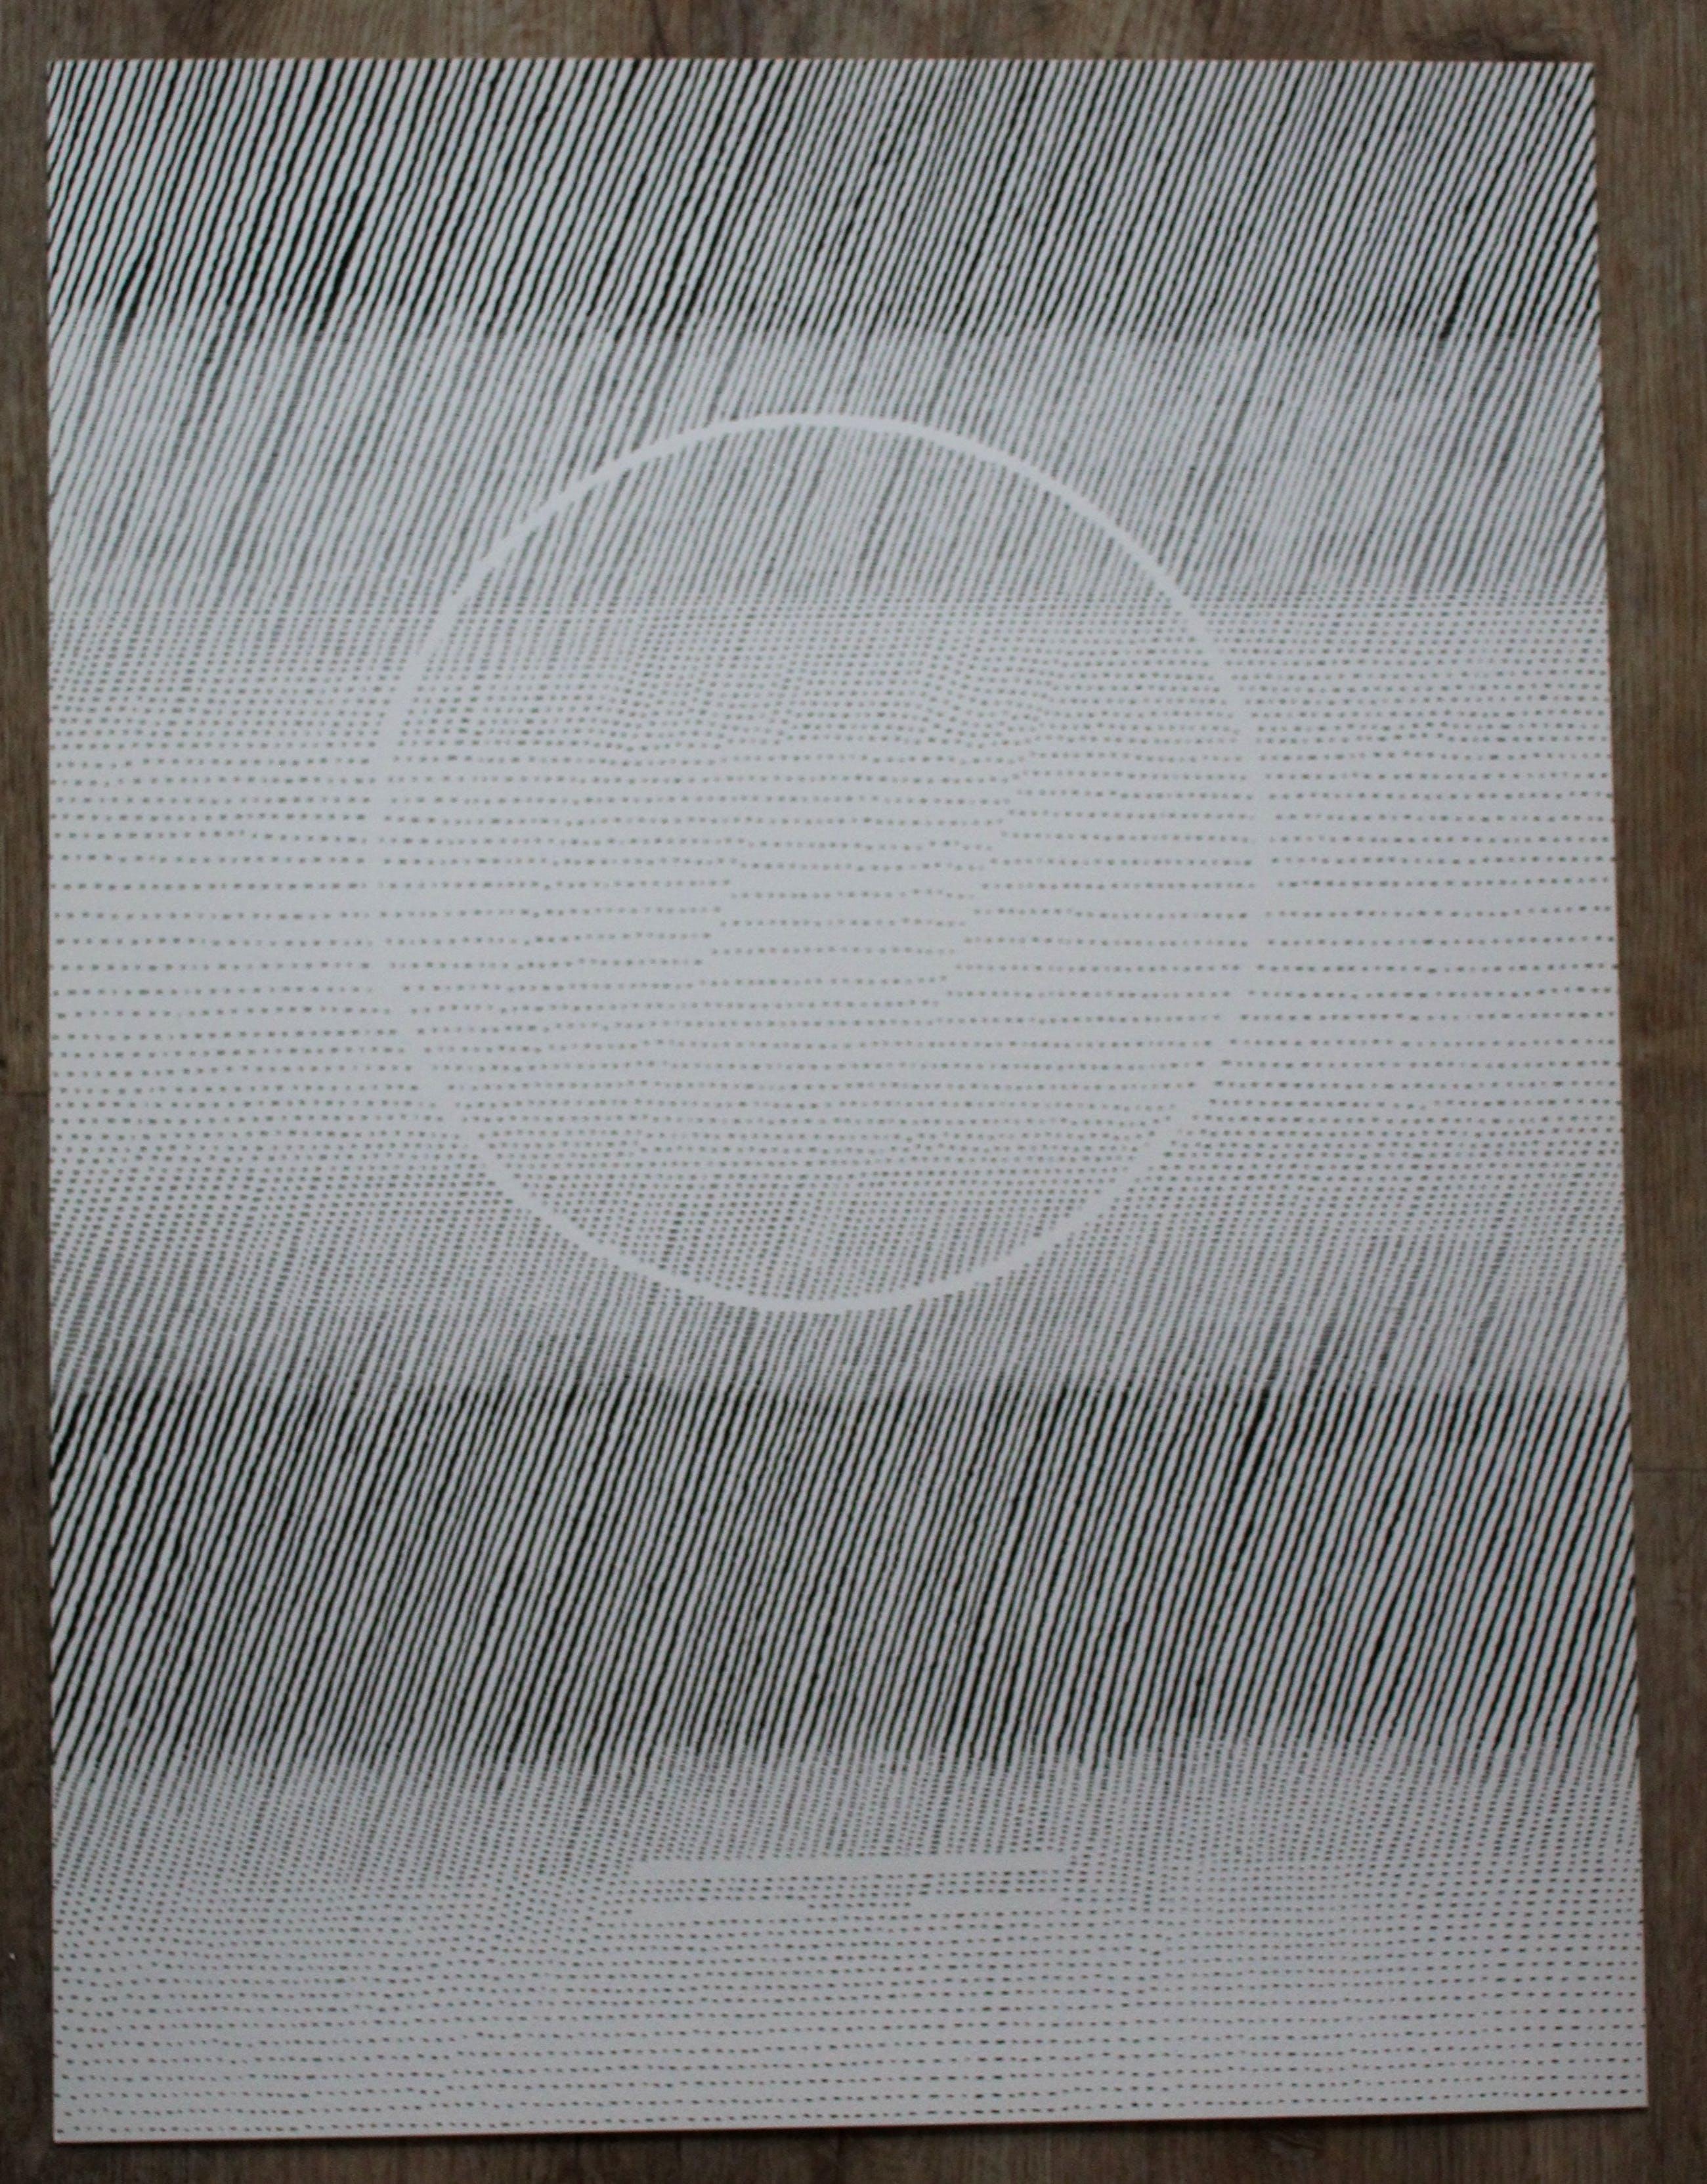 Michel Seuphor - Map met 3 litho's: Celebration du cercle - 1974 kopen? Bied vanaf 225!